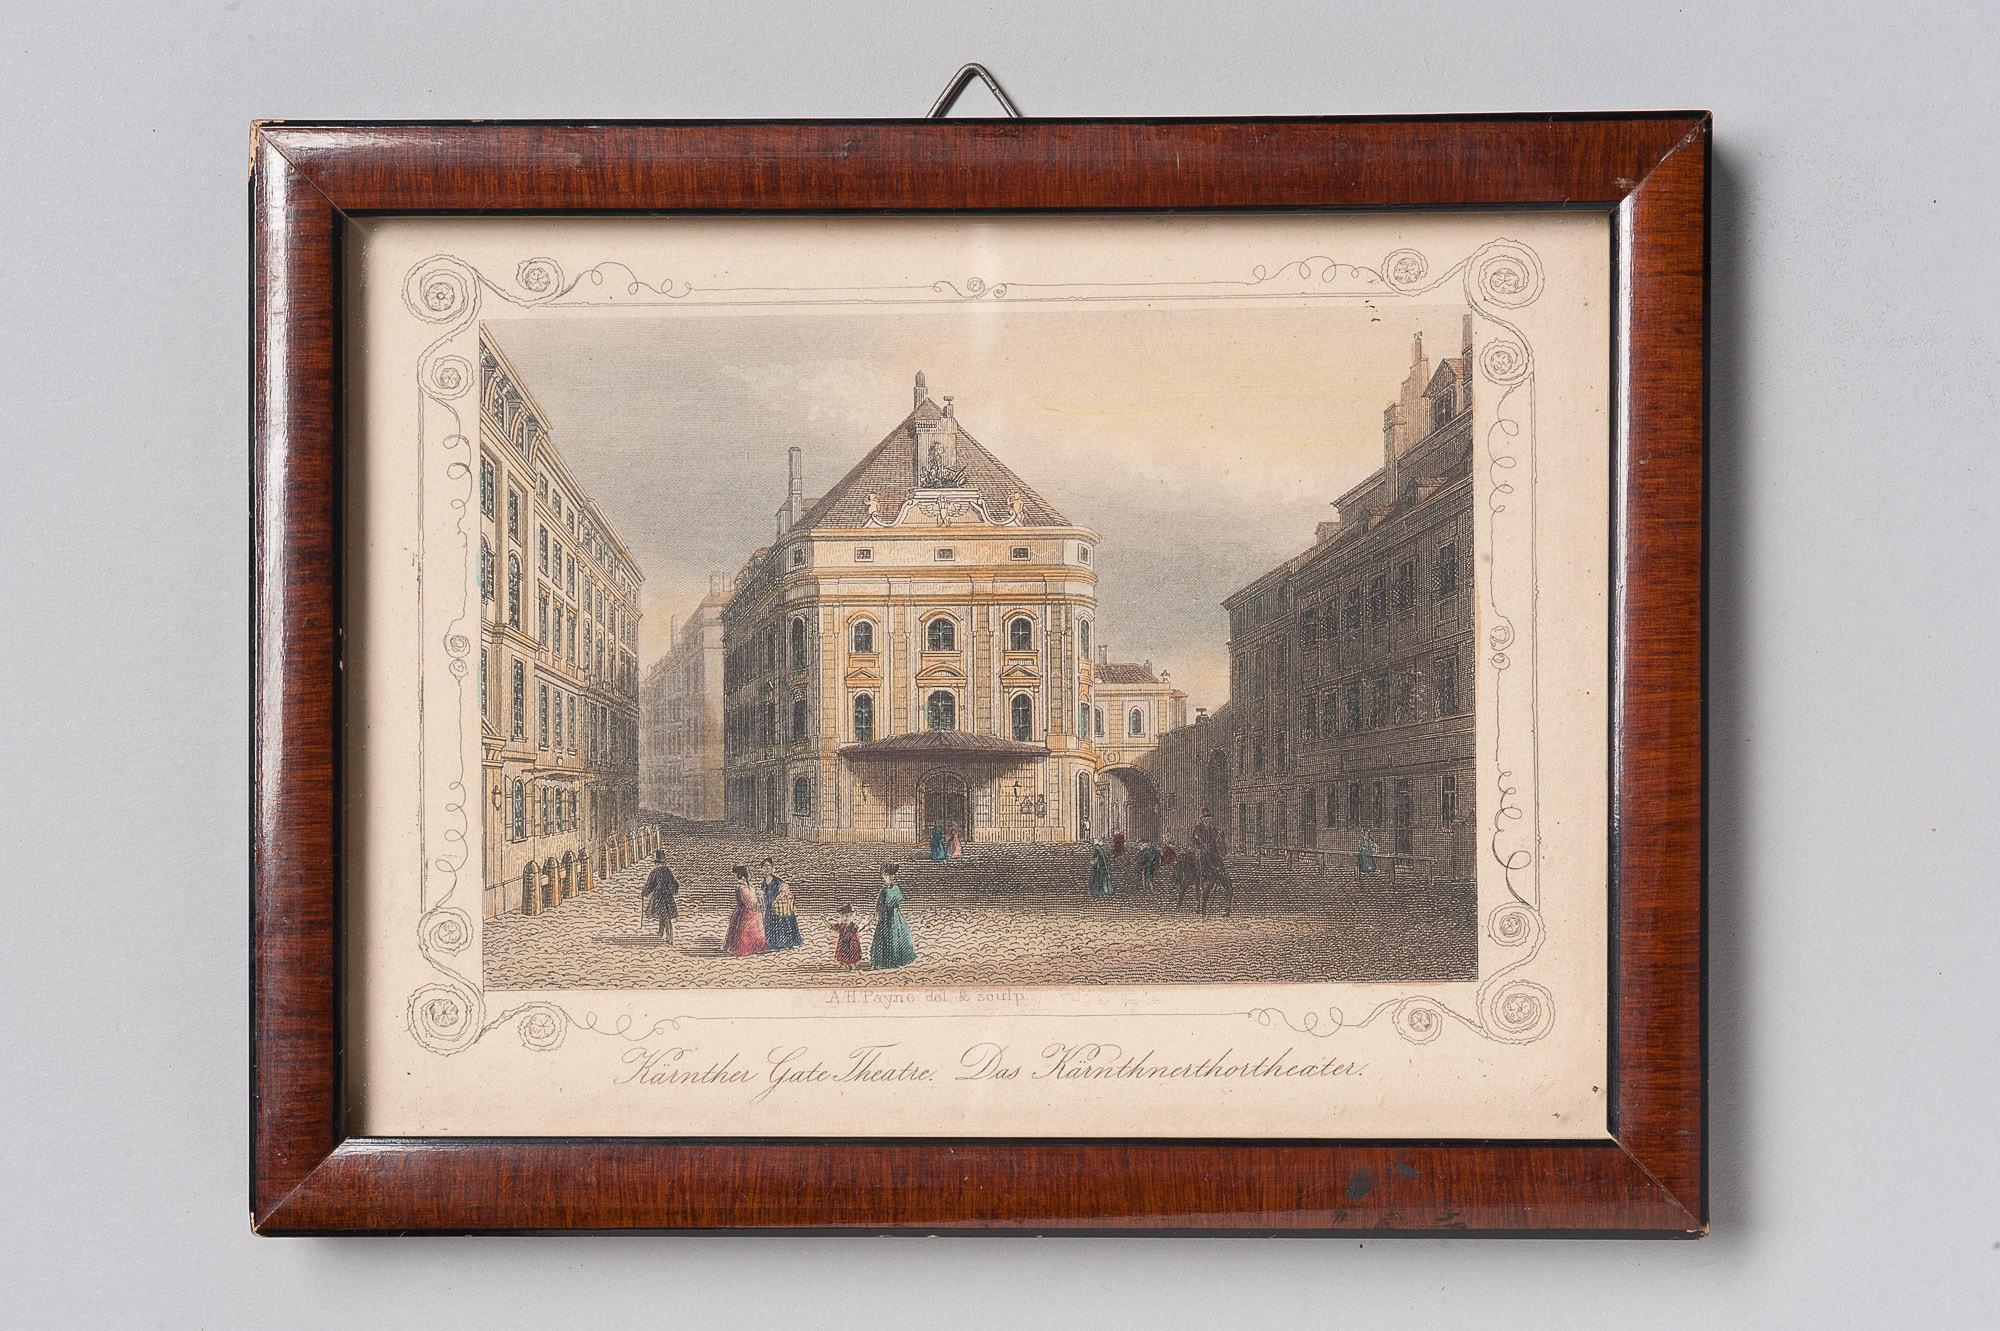 Kärntnerthortheater von Anna Bahr-Mildenburg